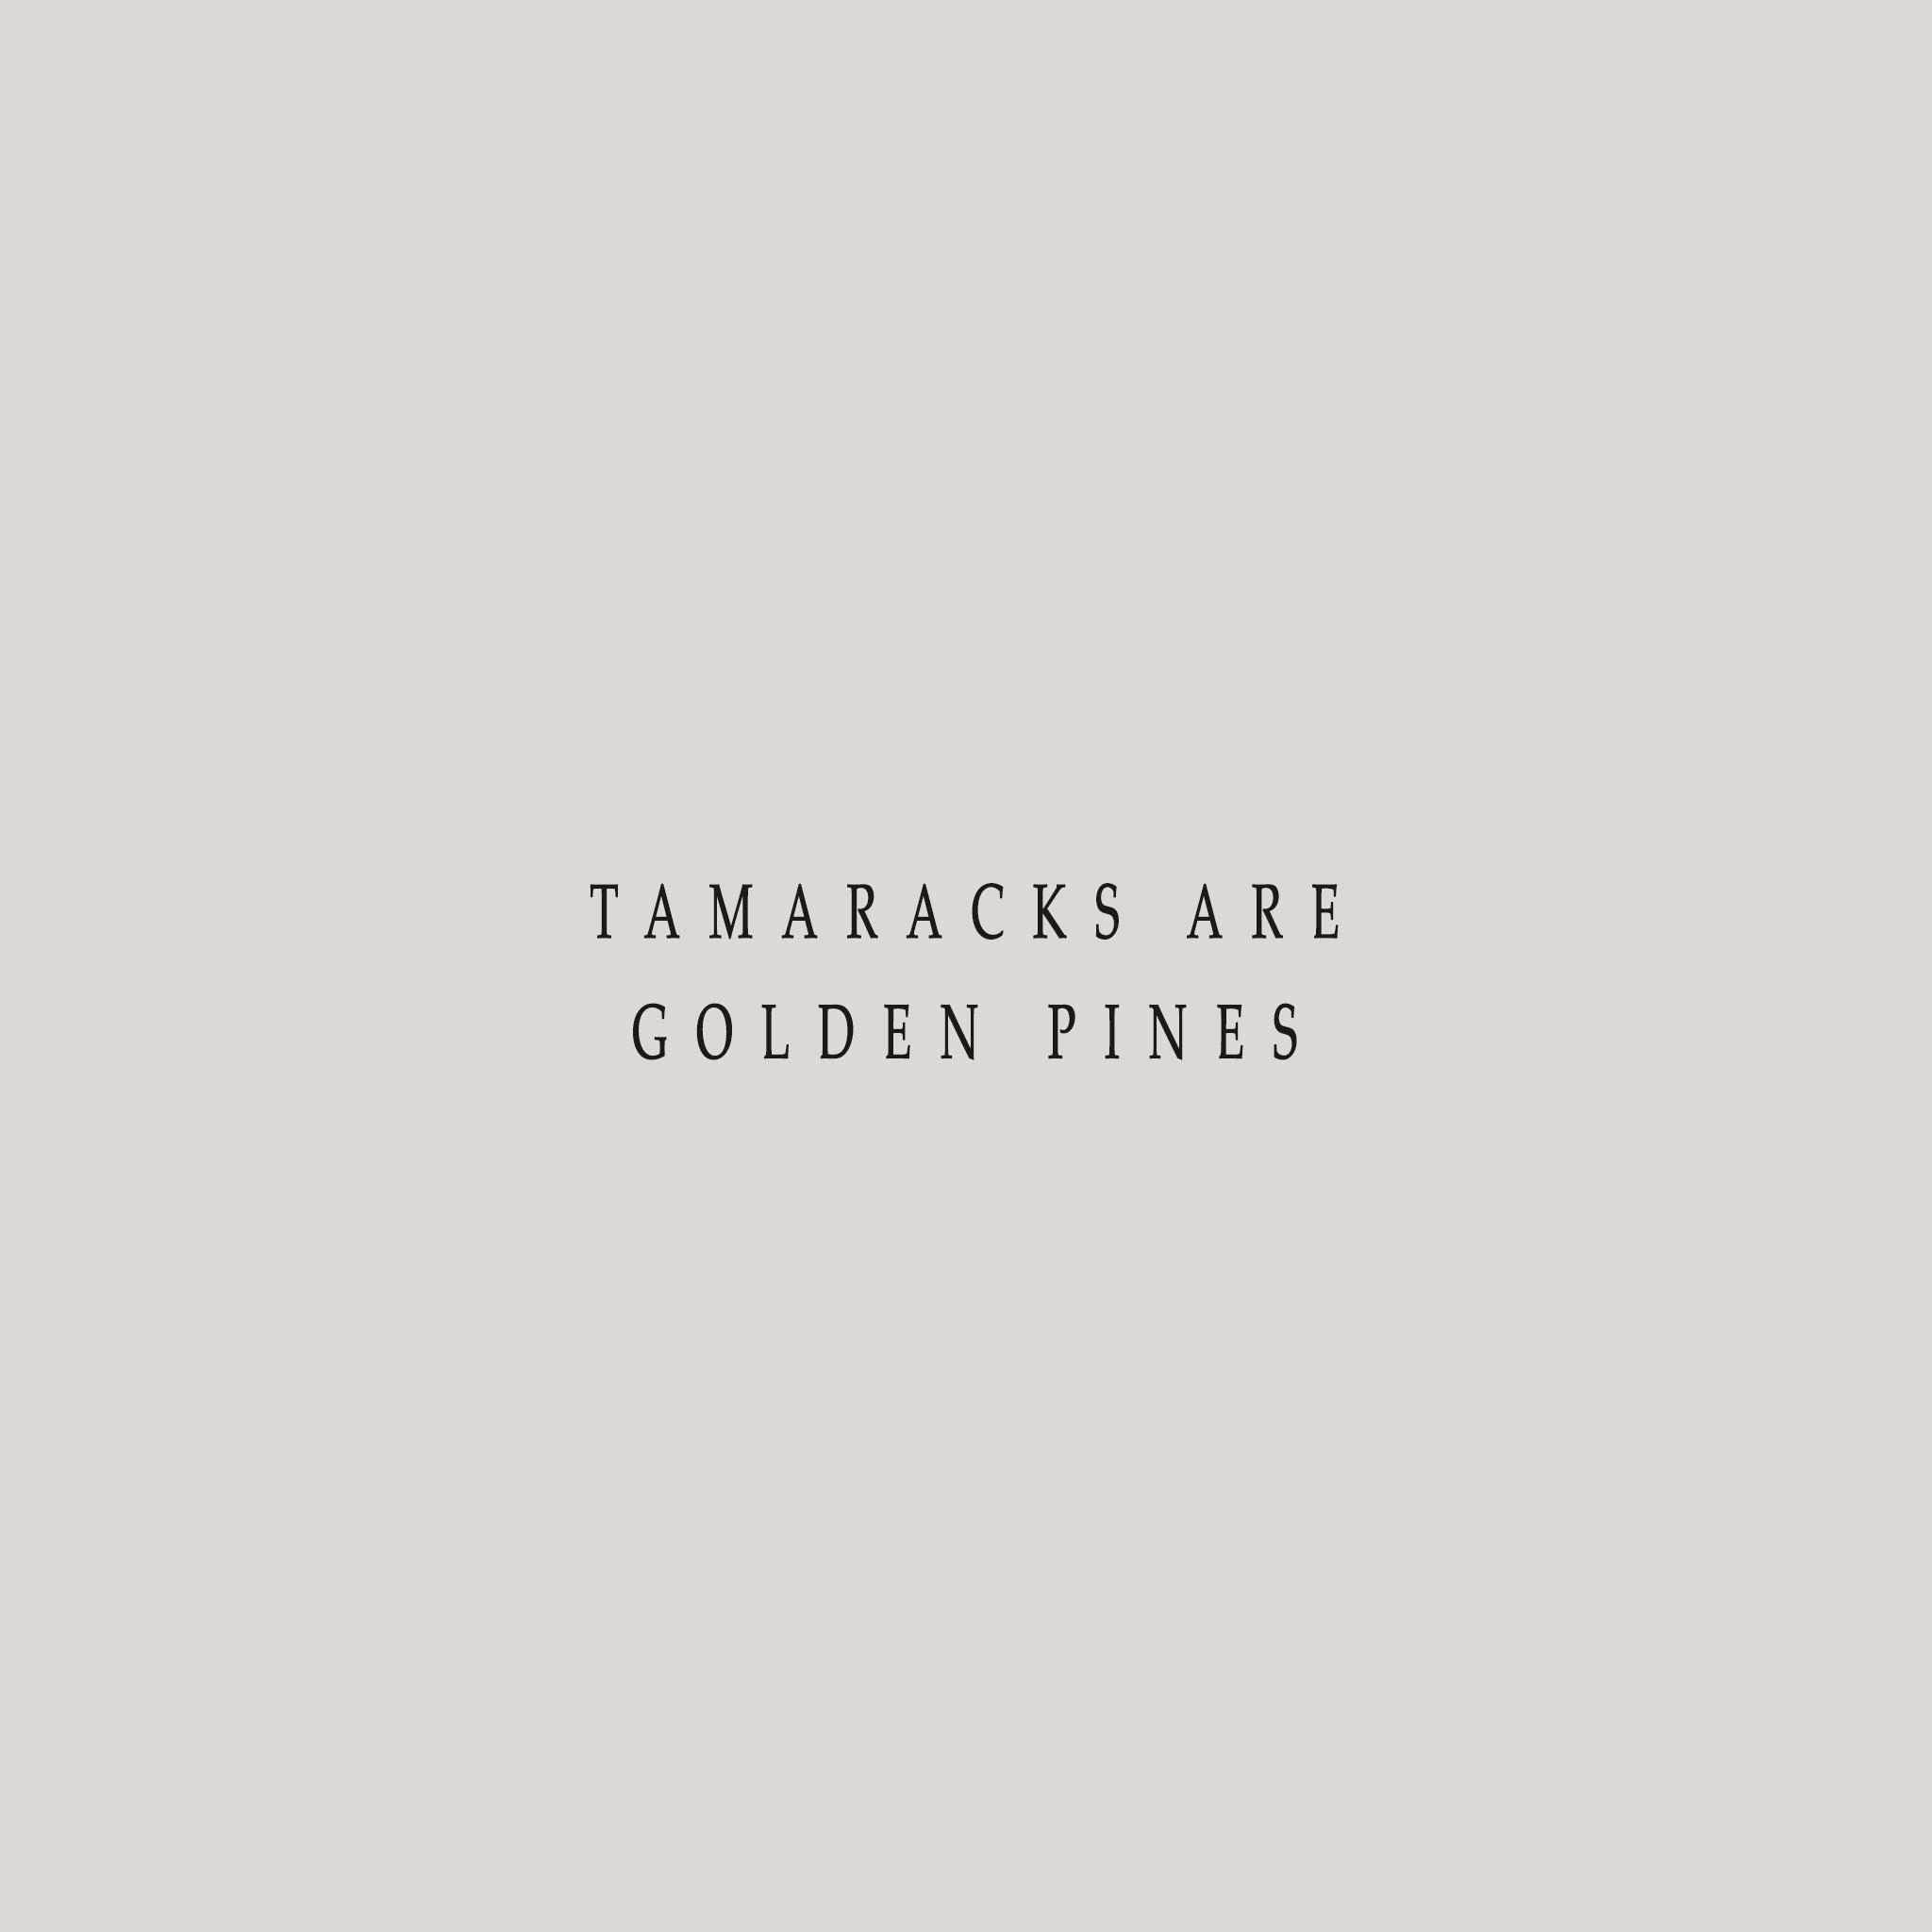 TAMARACKS.jpg